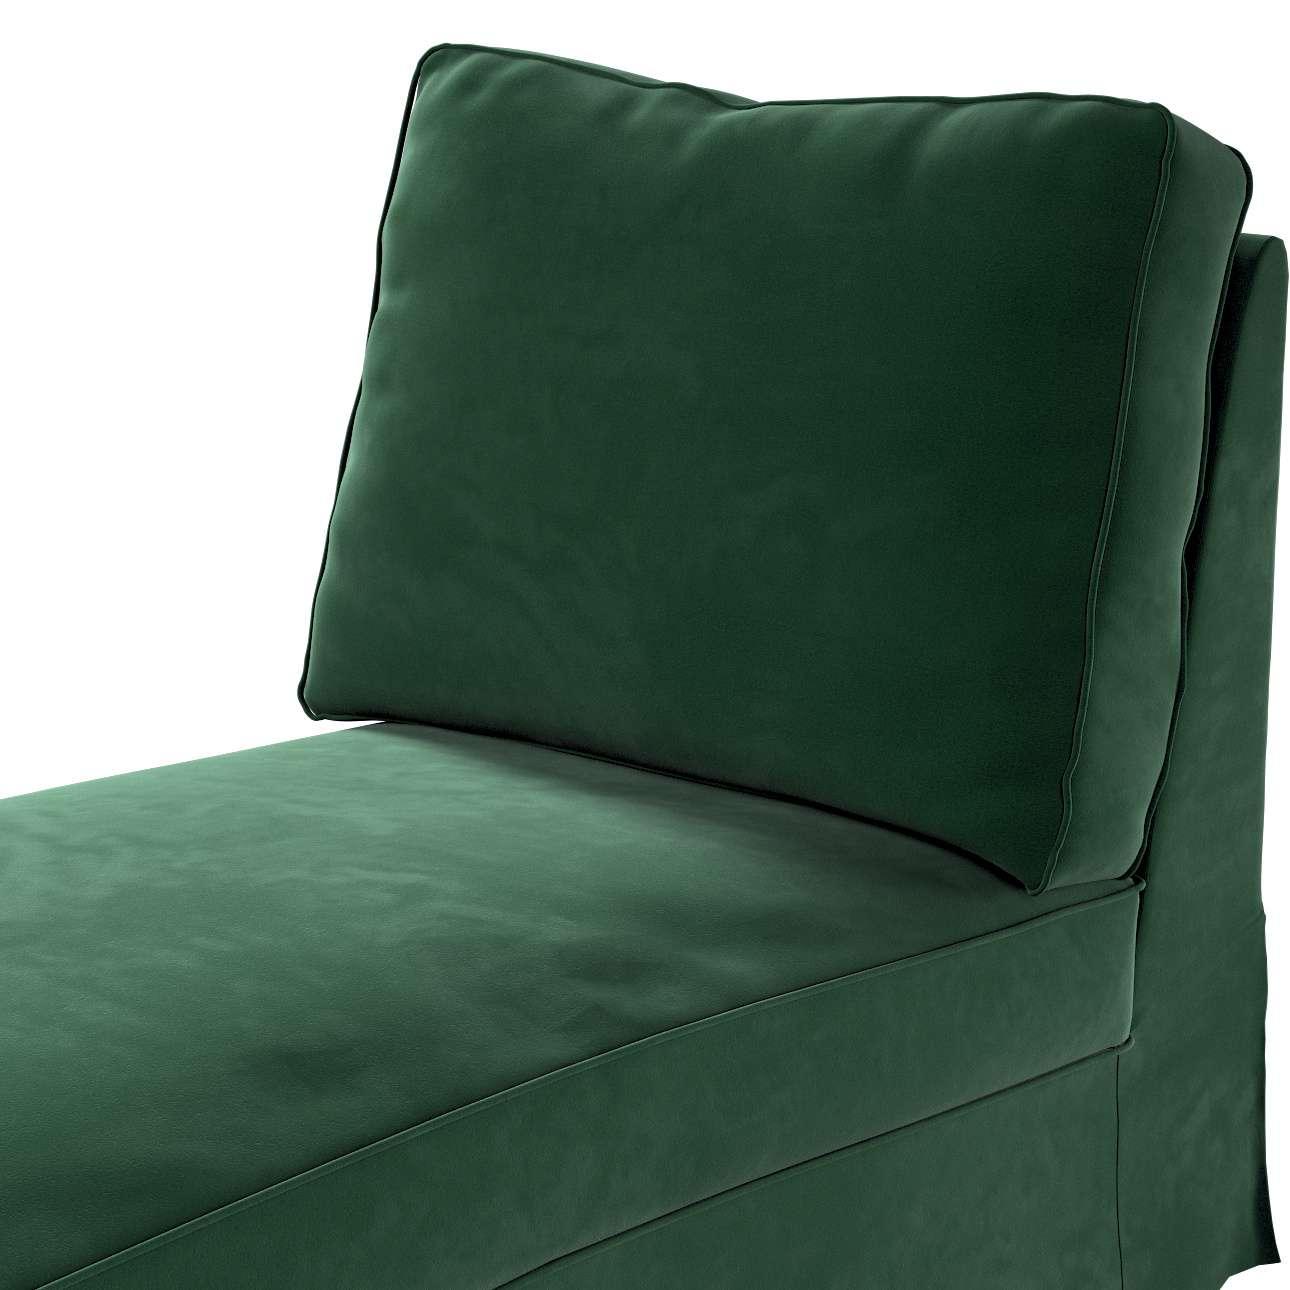 Pokrowiec na szezlong/ leżankę Ektorp wolnostojący prosty tył w kolekcji Velvet, tkanina: 704-13